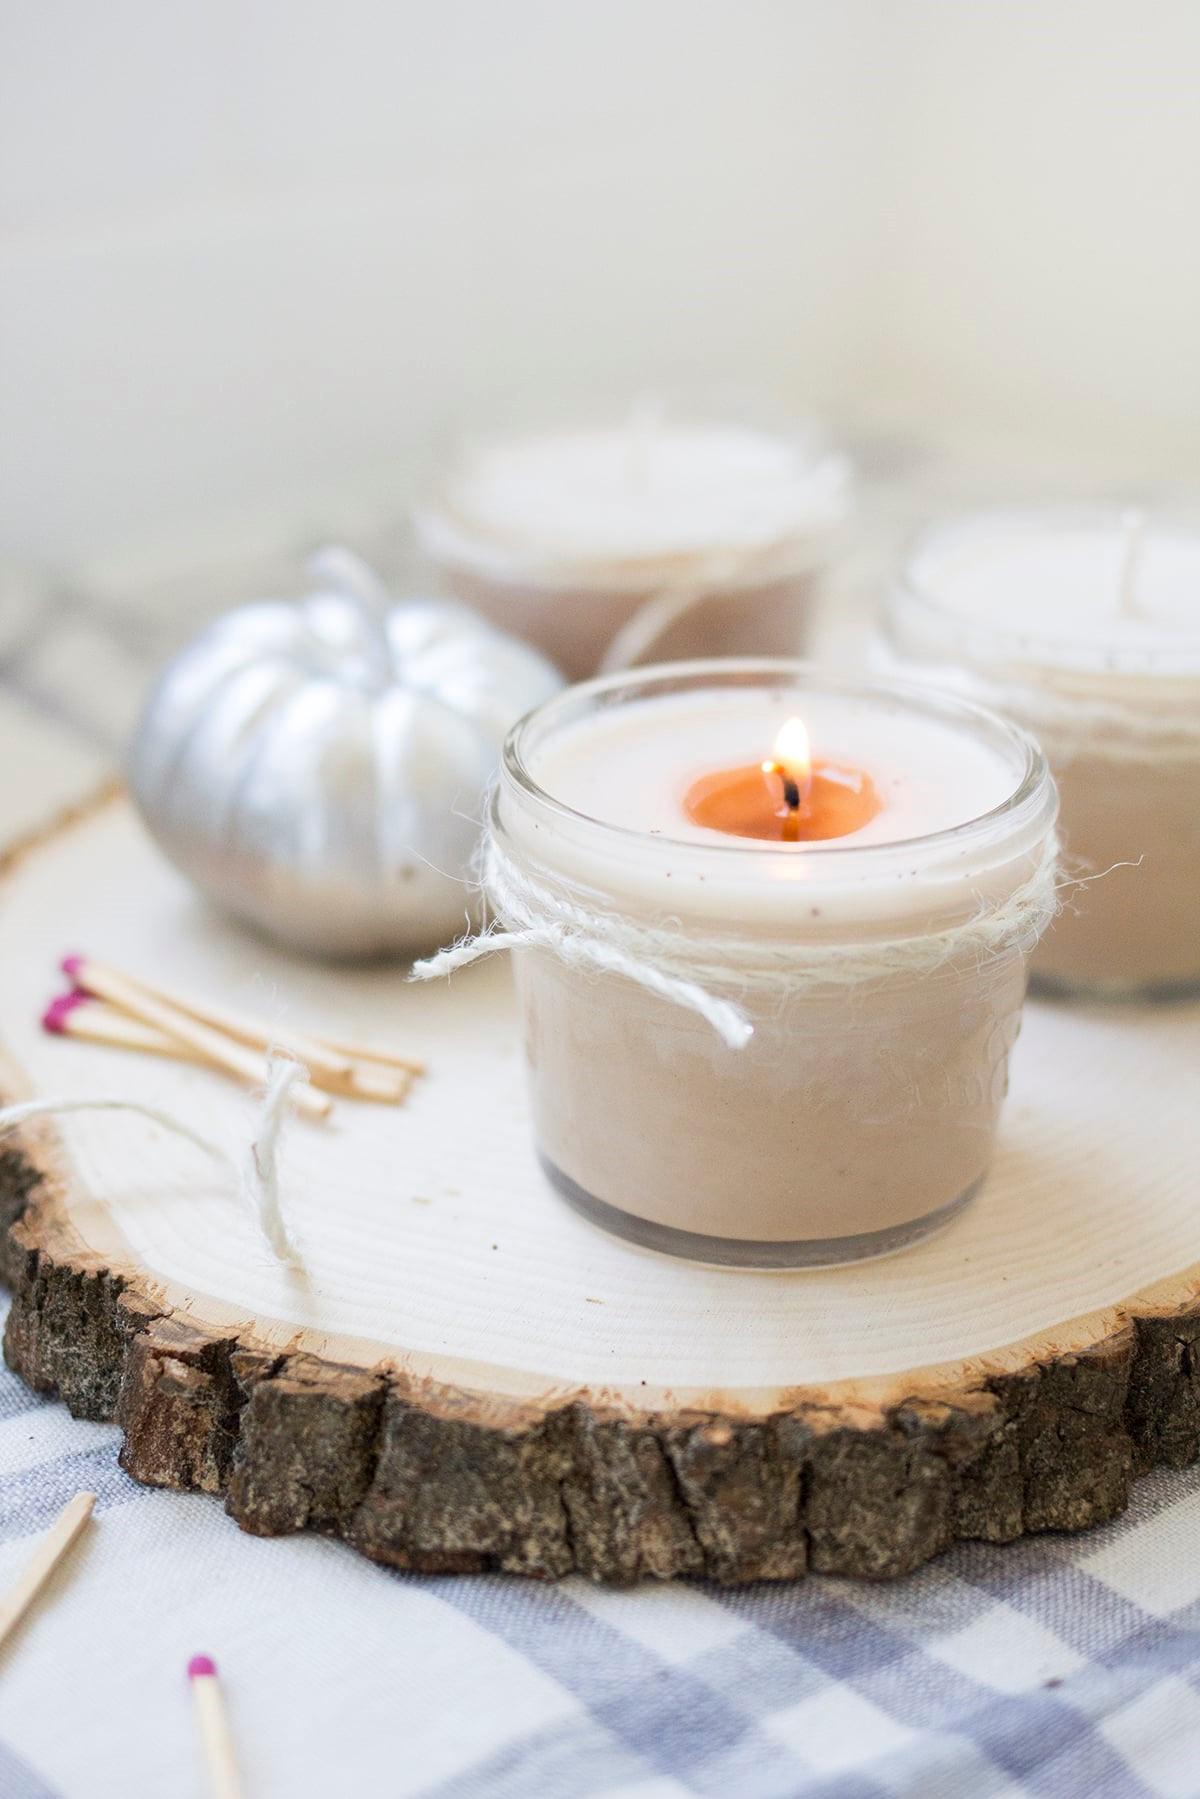 Les bougies en eucalyptus sont énergisantes et améliorent la concentration.